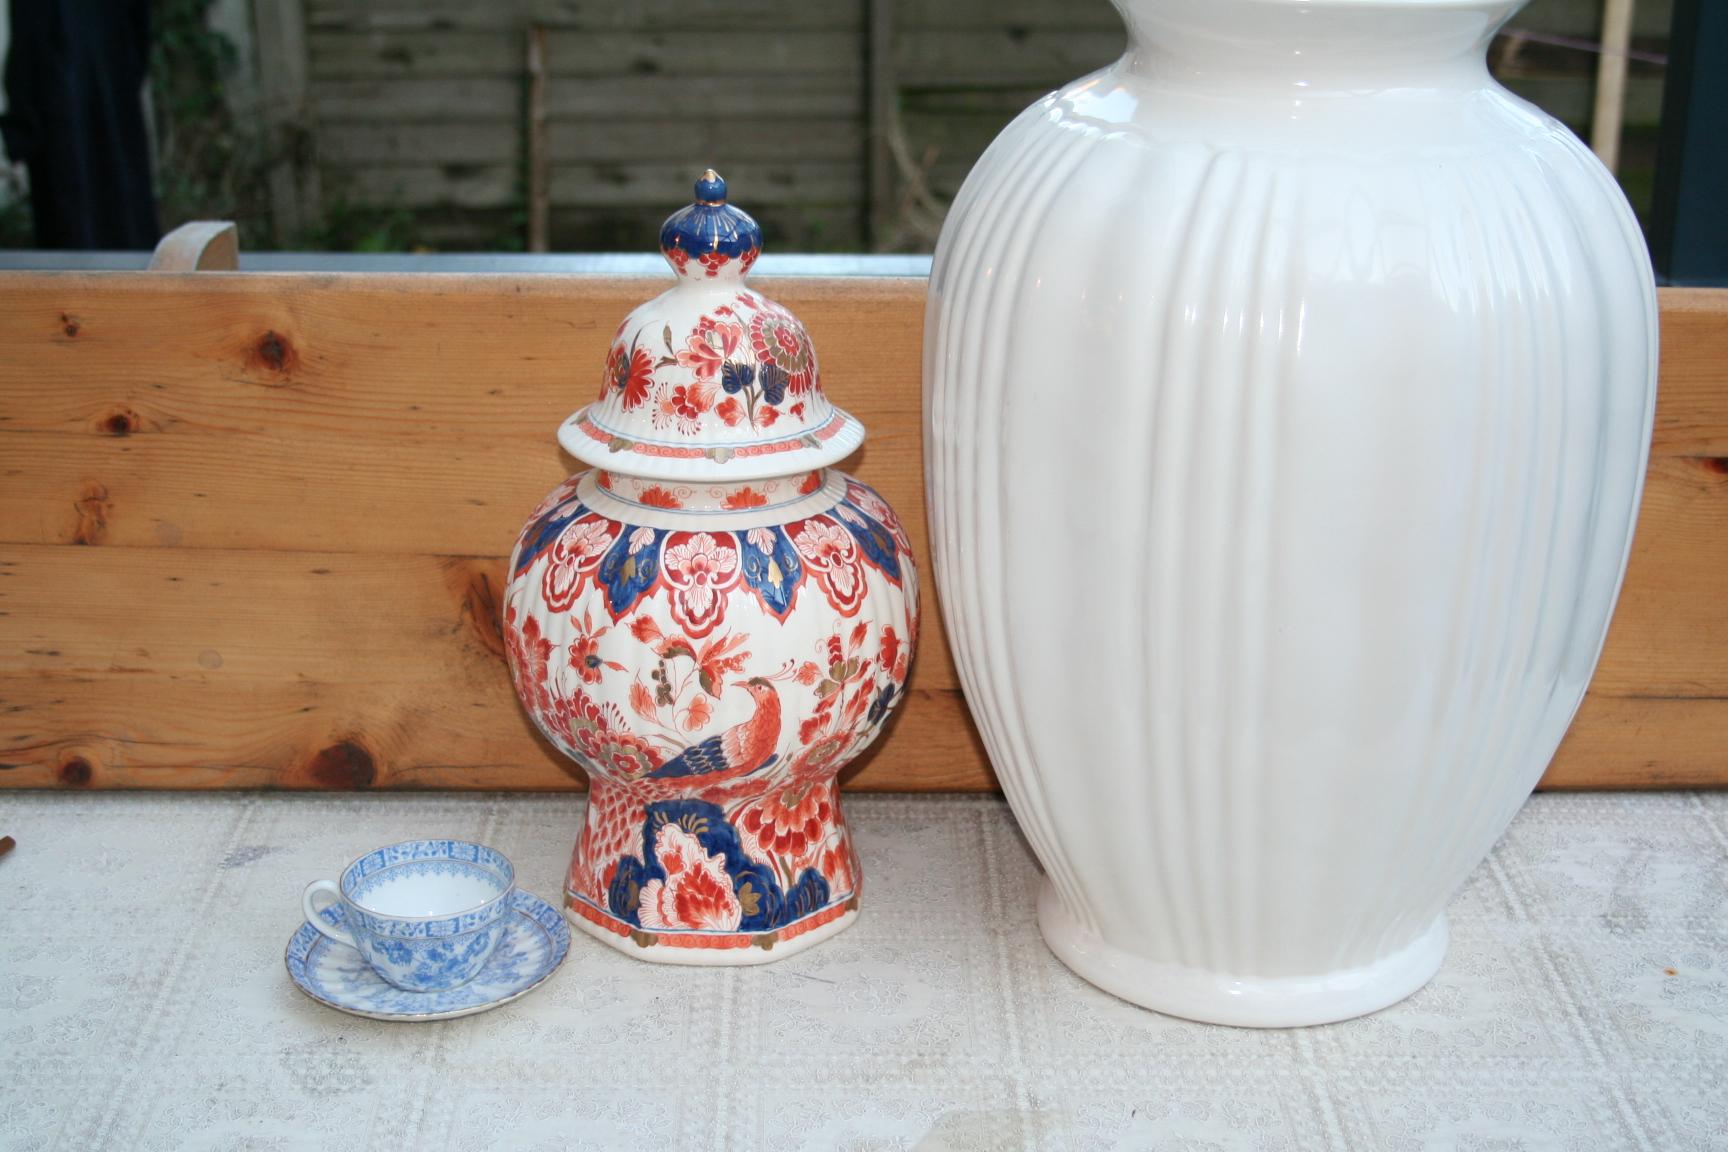 Fonkelnieuw Grote vaas, Wit Delfts aardewerk, Porceleyne fles - het derde Servies GX-73